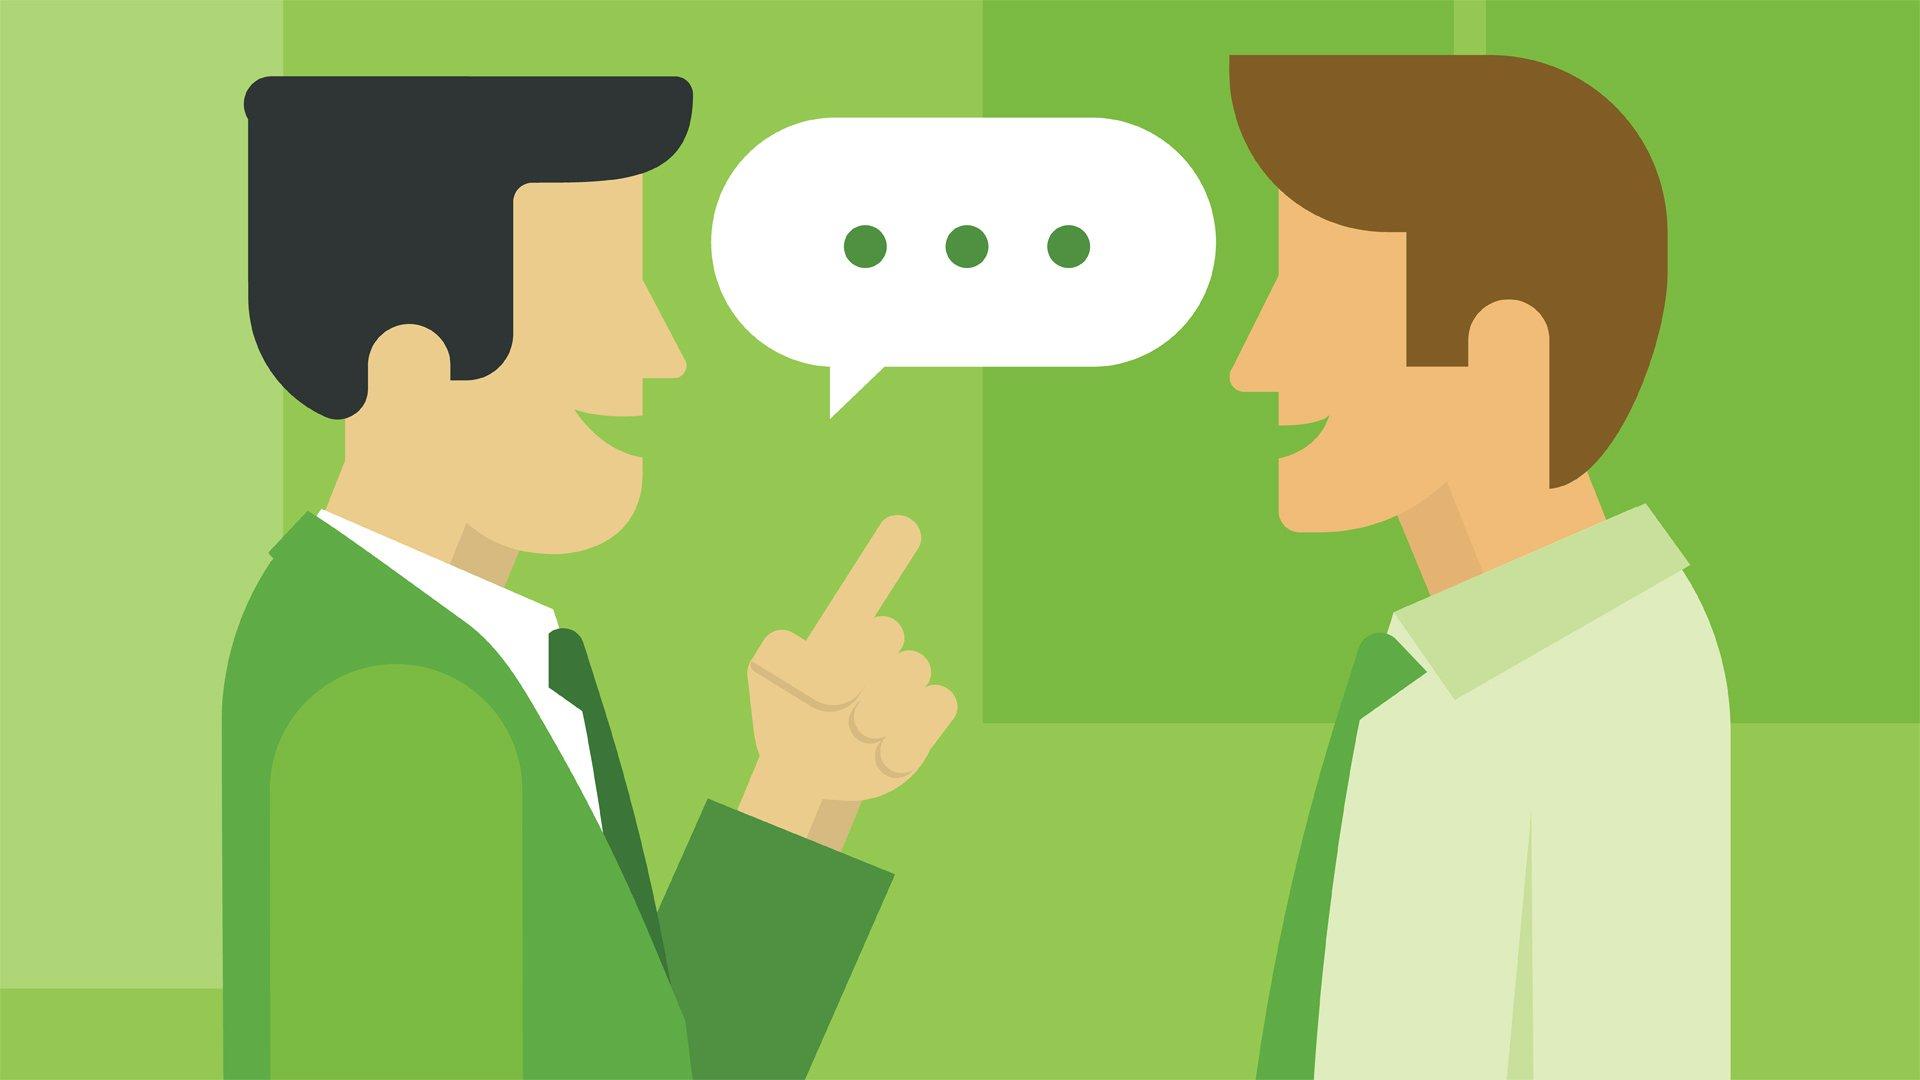 Tekening van twee mannen die in gesprek zijn.